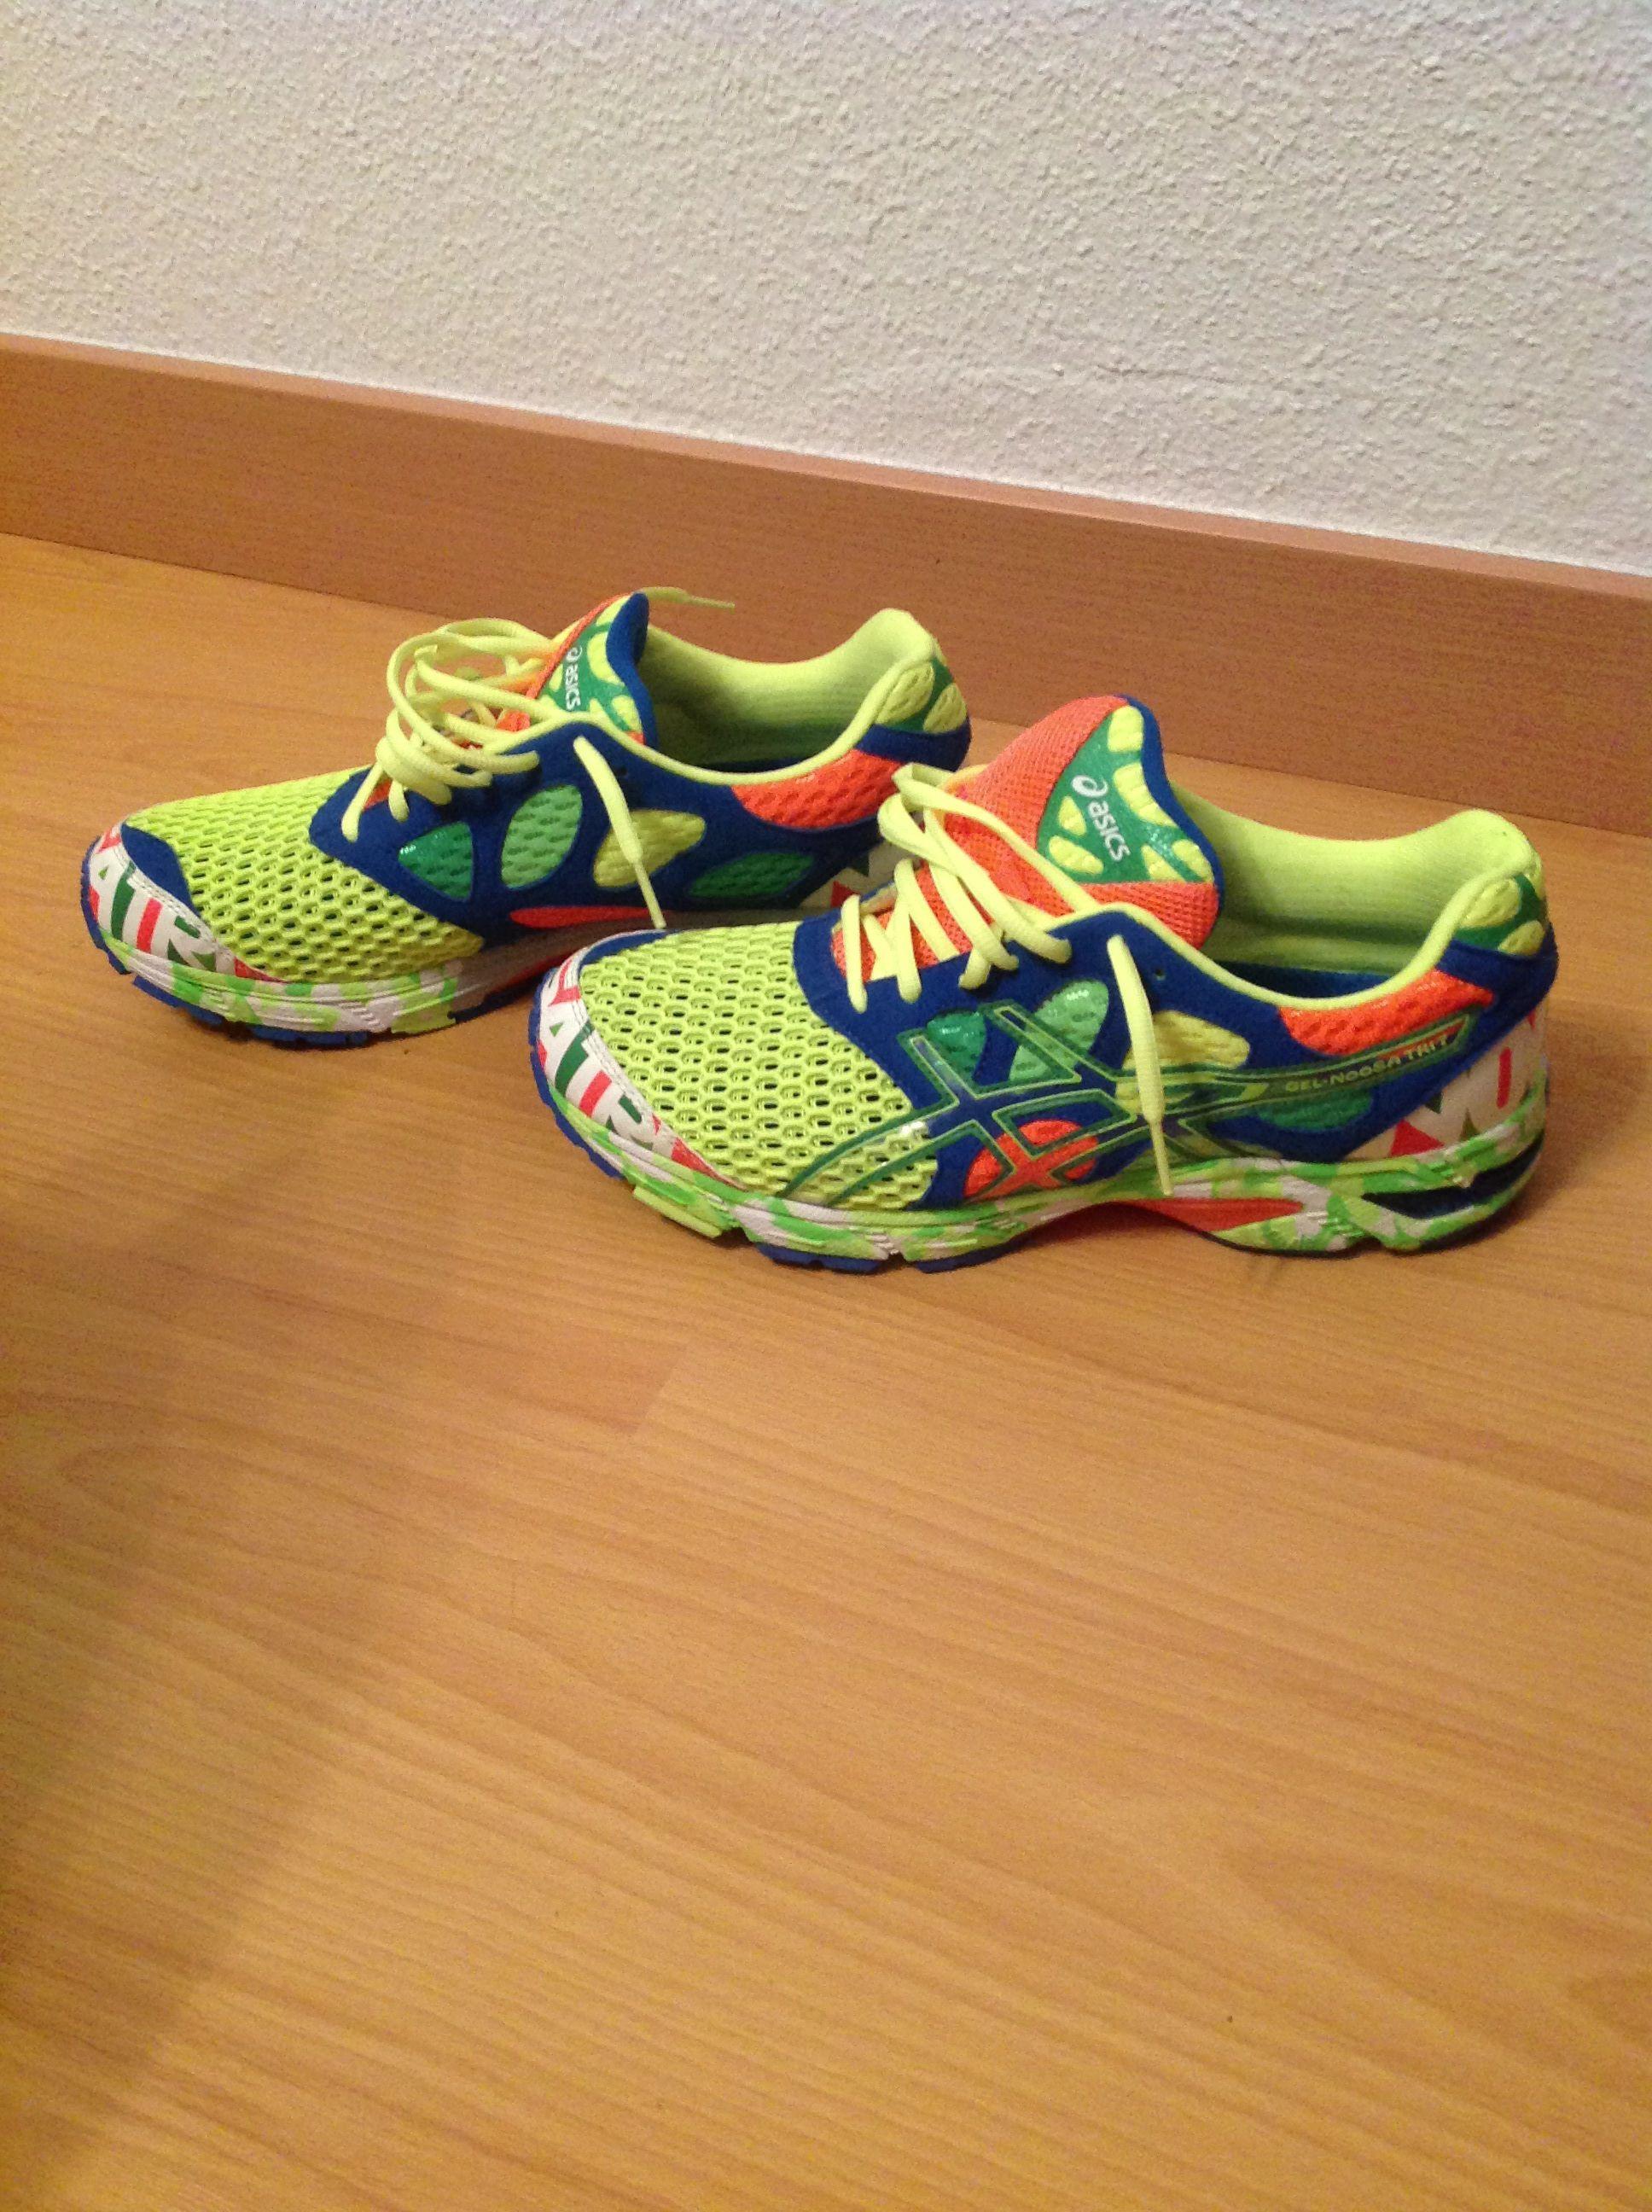 Mi última adquisición para correr... #running